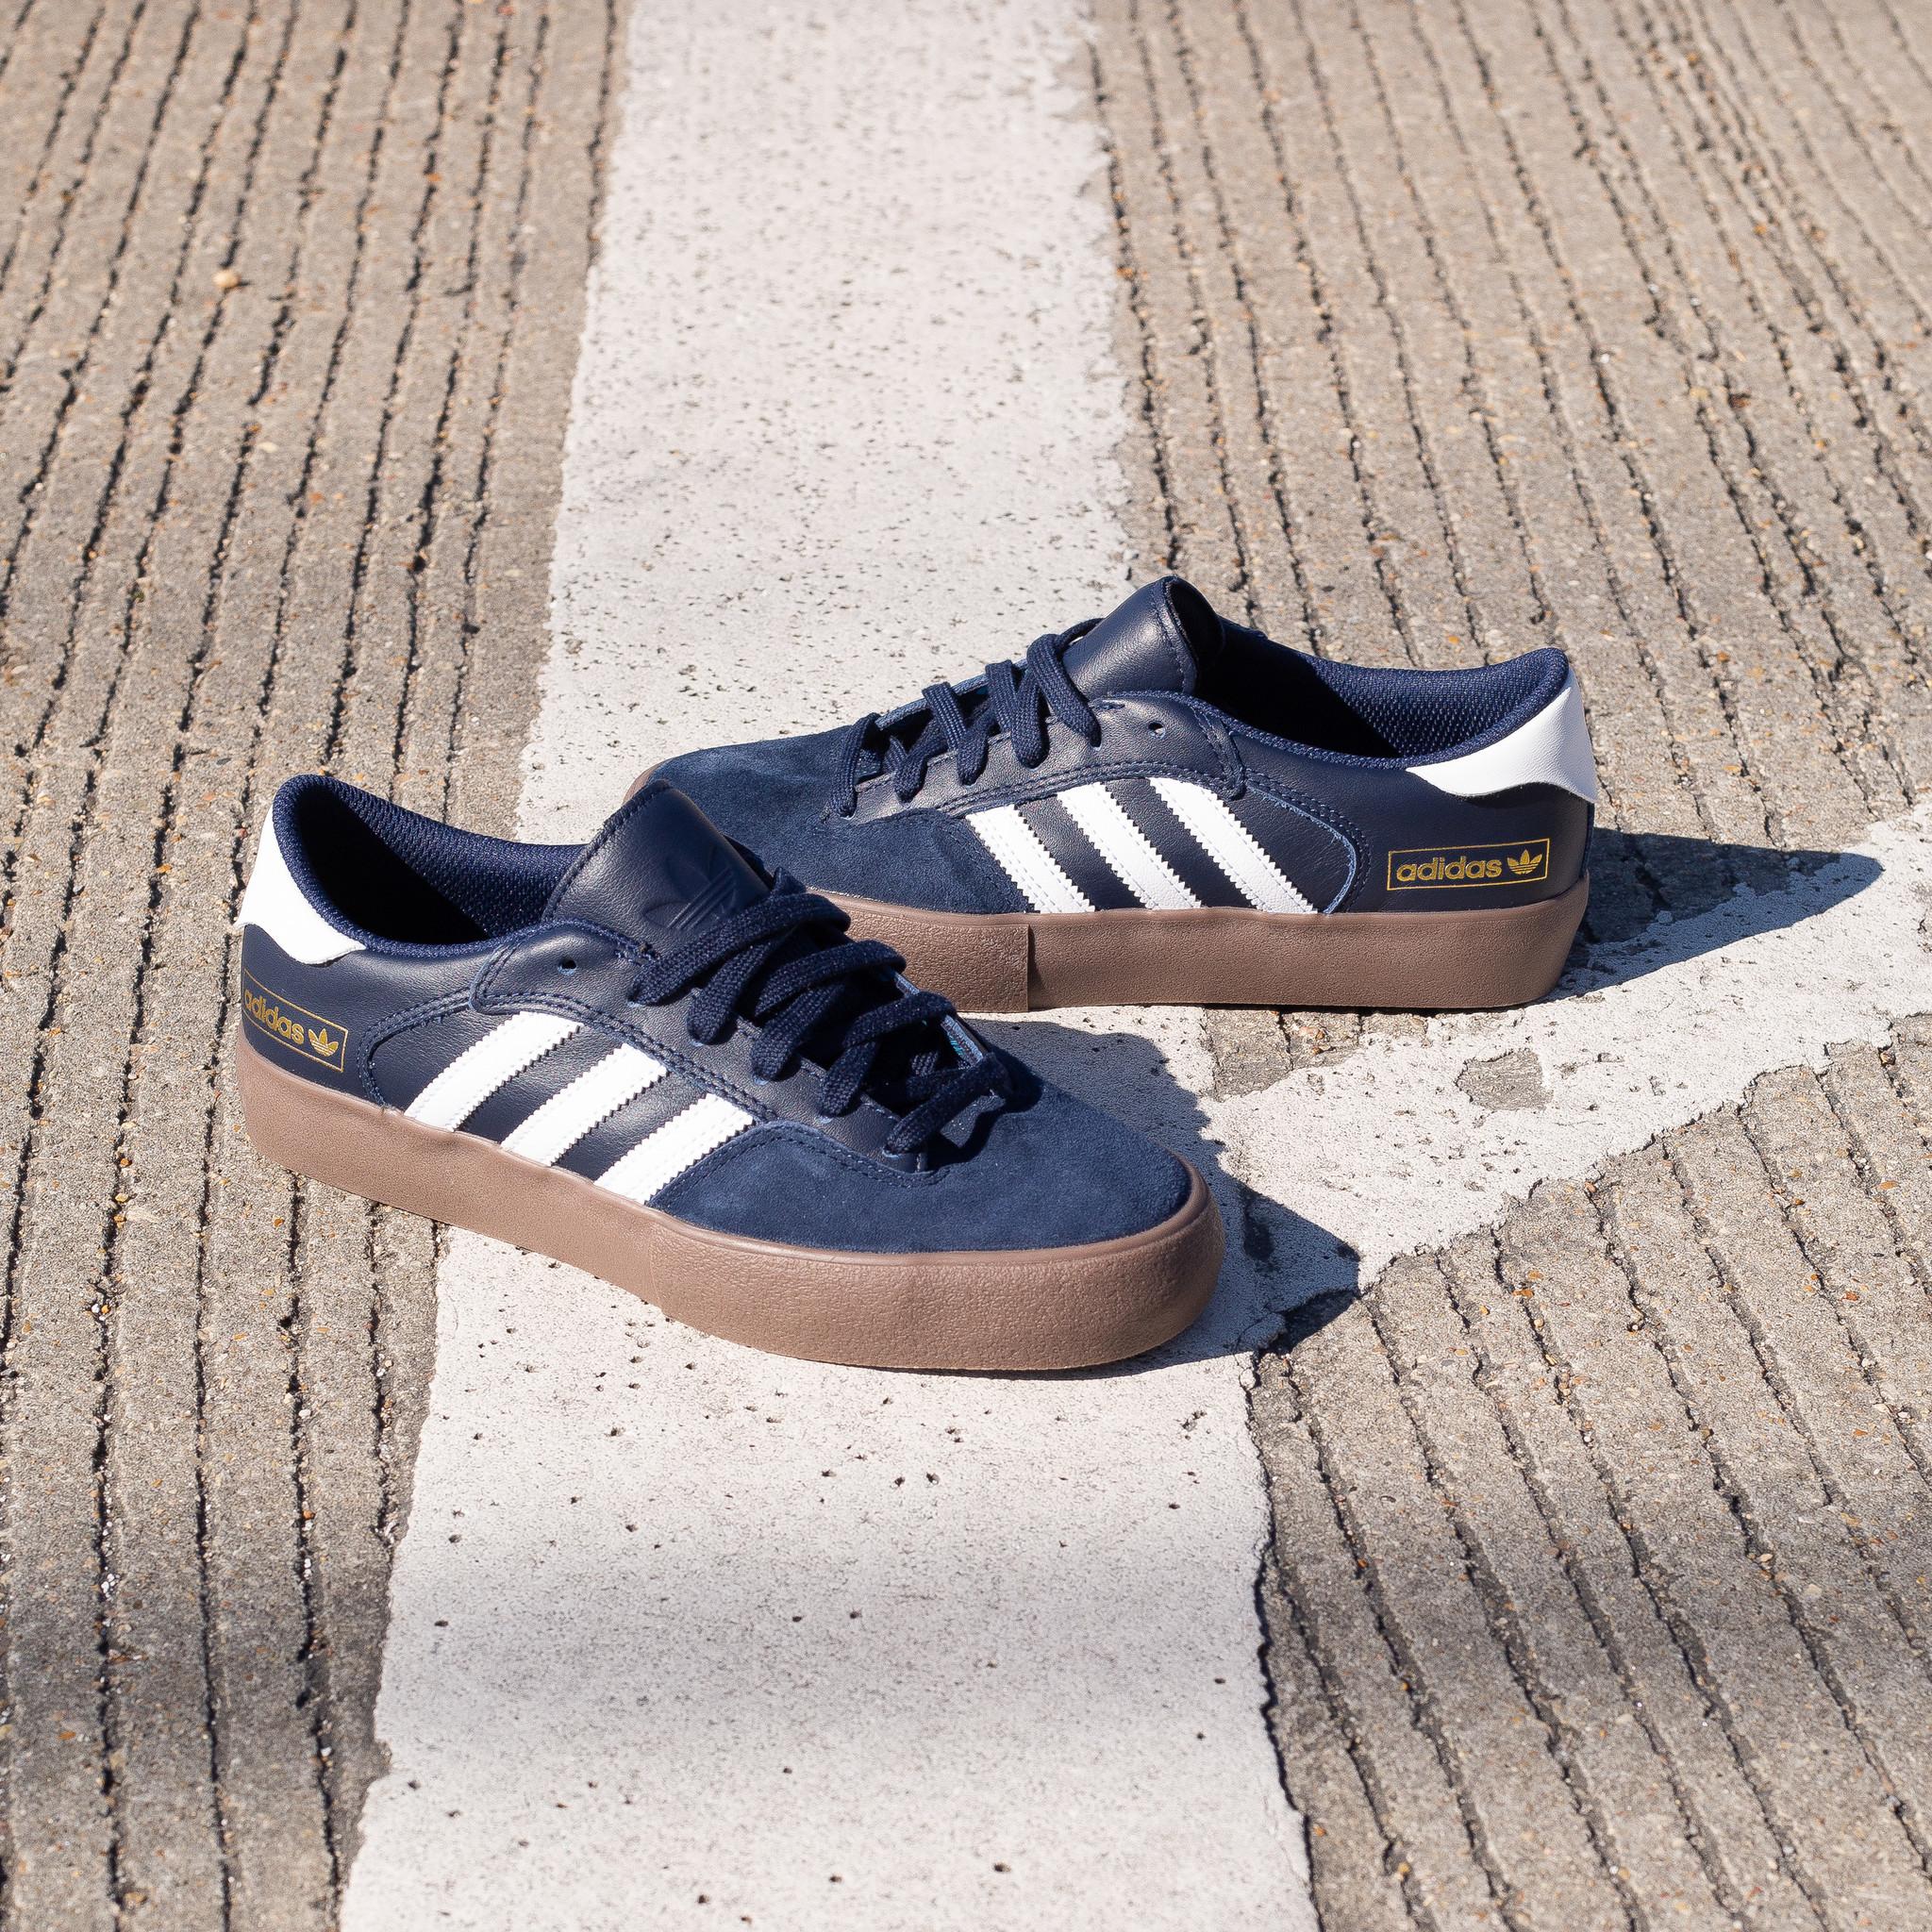 adidas Matchbreak Super navy/gum